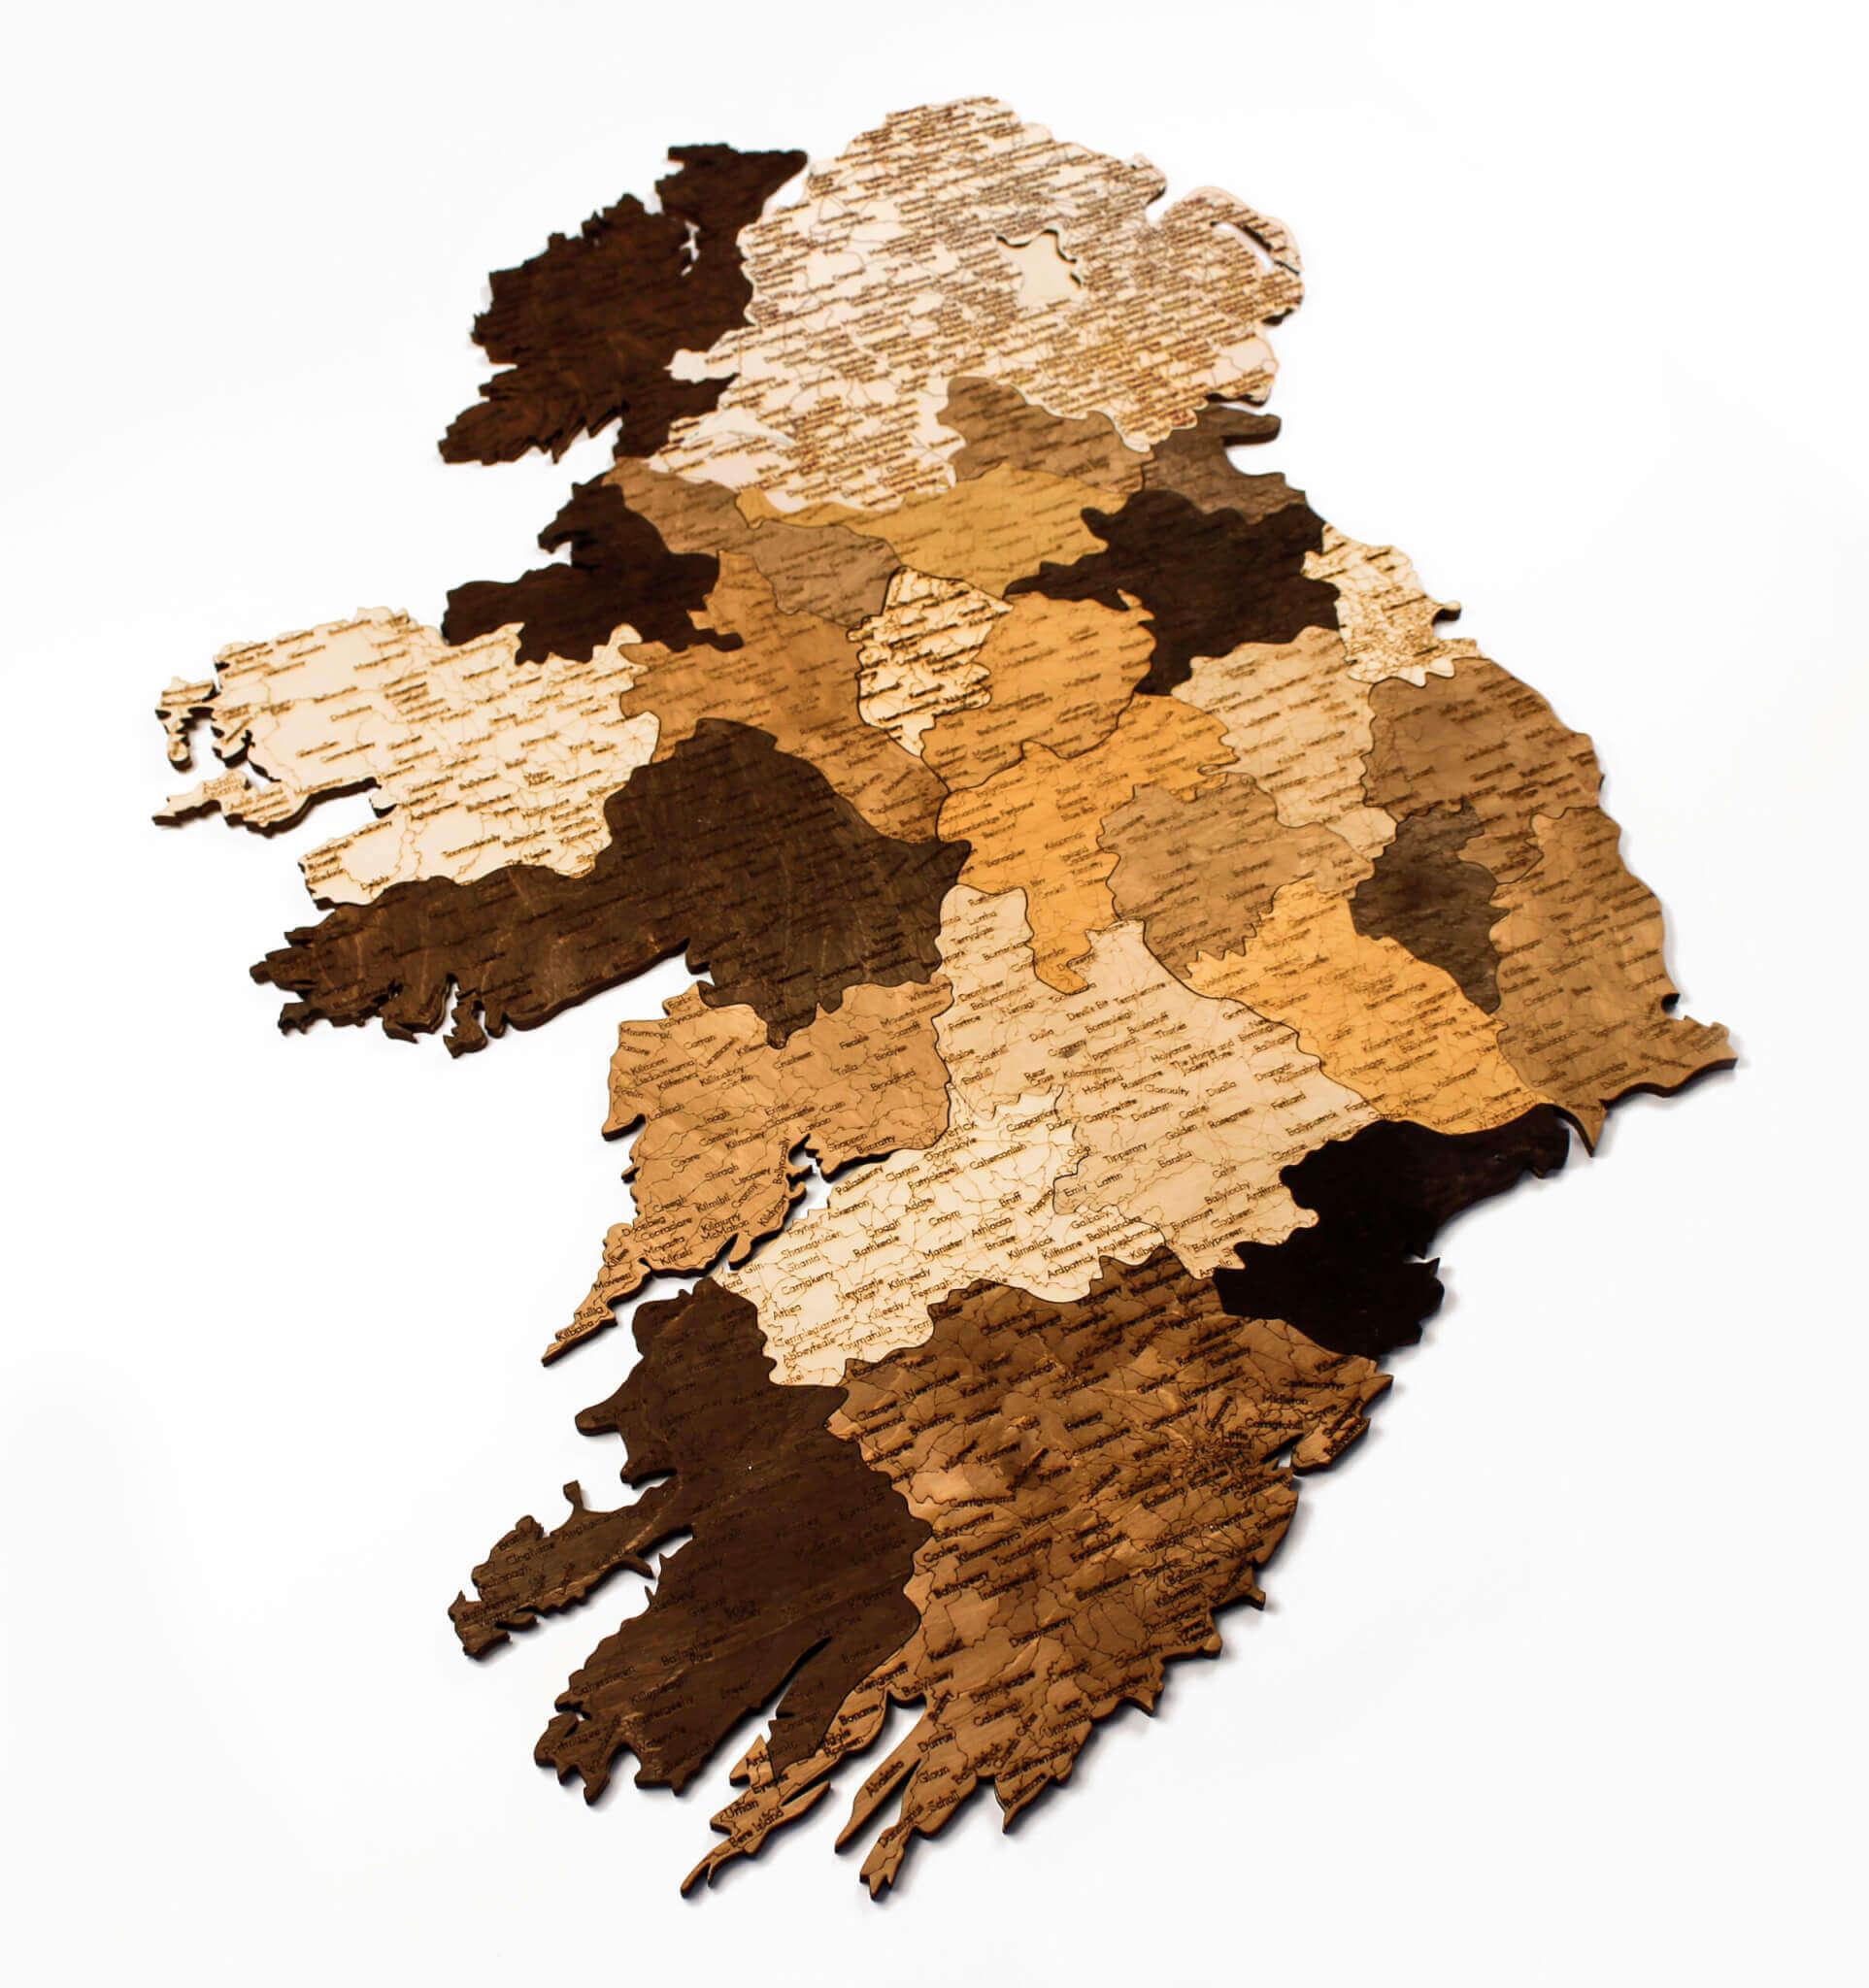 Nástenná drevená mapa Írska